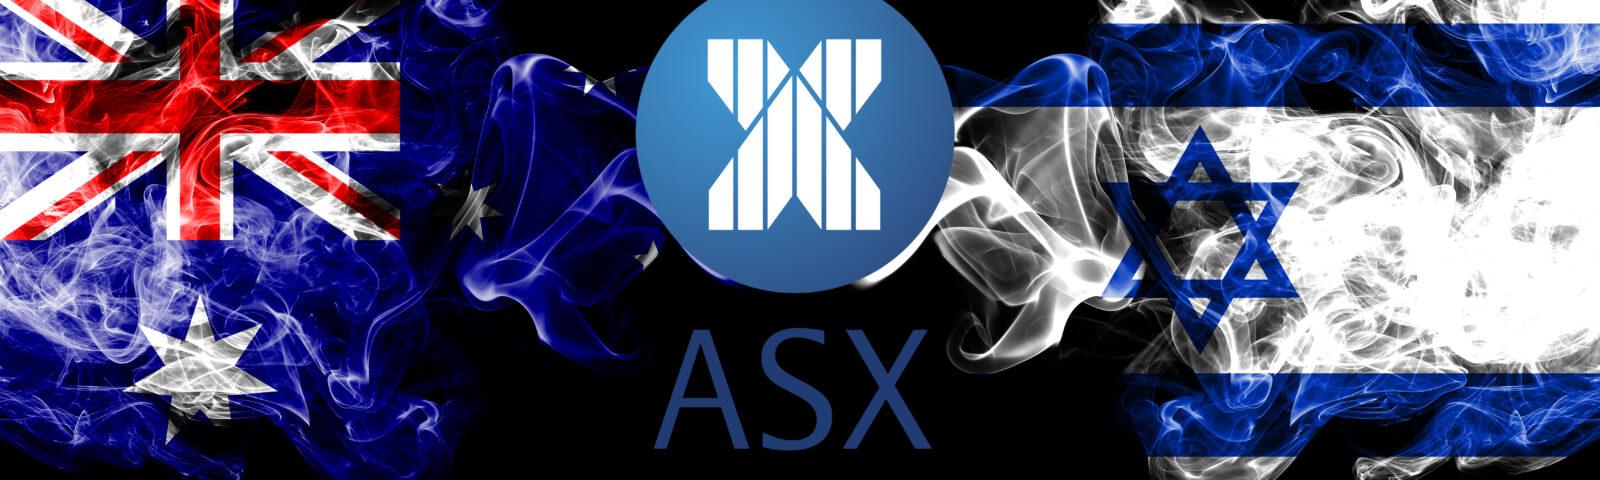 כללי ממשל תאגידי חדשים לחברות ציבוריות באוסטרליה